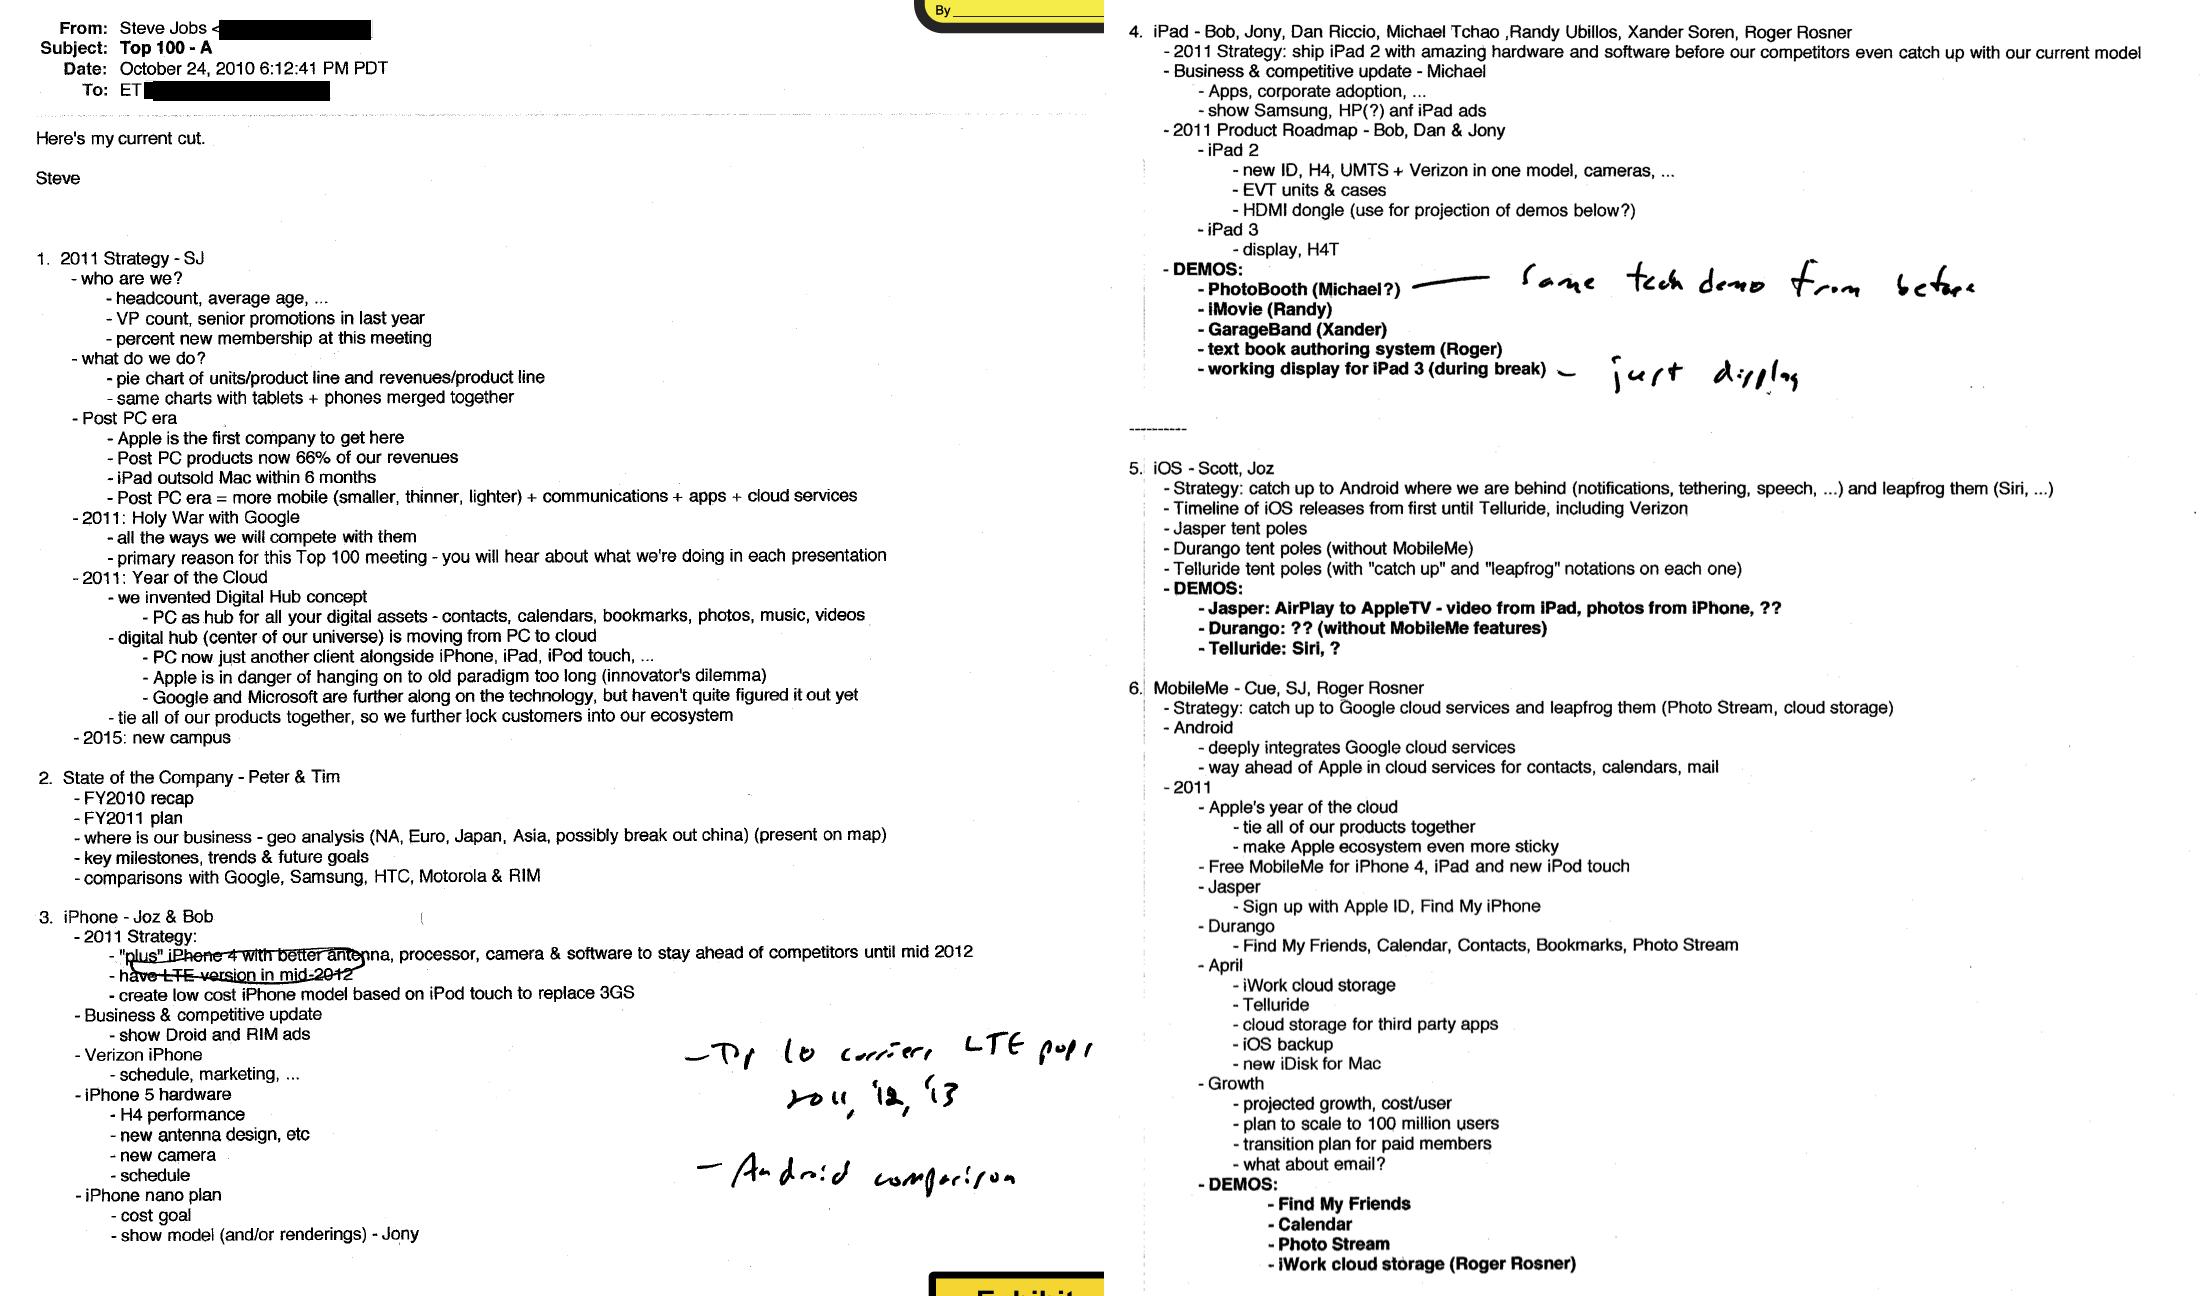 Имейл Стива Джобса в 2010 году